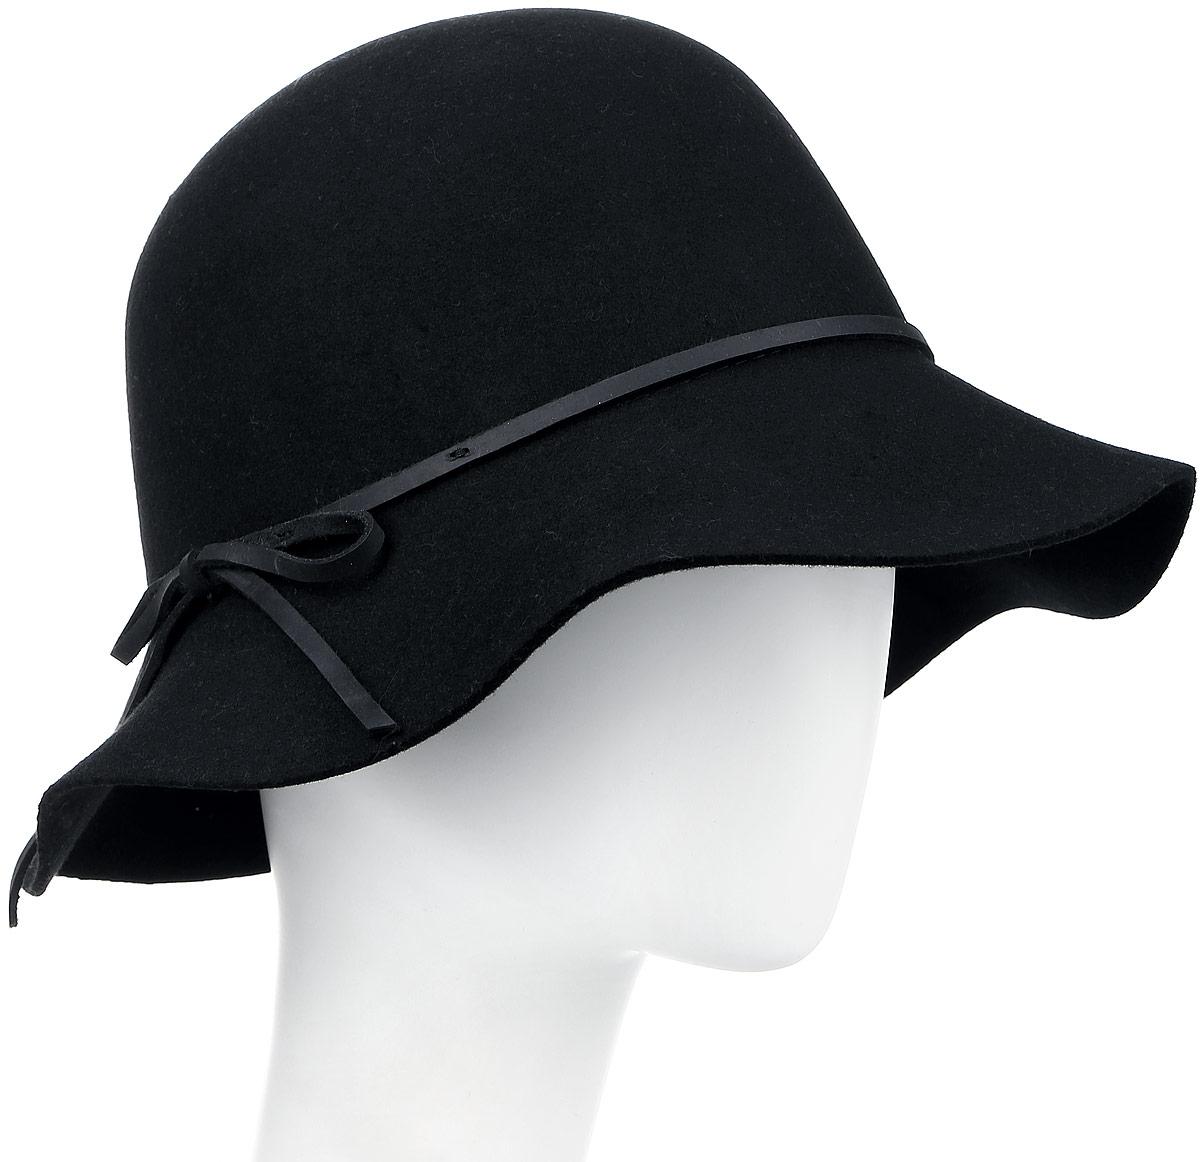 Шляпа женская Goorin Brothers, цвет: черный. 105-9807. Размер S (55)105-9807Элегантная женская шляпа Goorin Brothers, выполненная из высококачественного тонкого фетра, дополнит любой образ. Модель с невысокой тульей и загнутыми вниз полями. Шляпа-клош по тулье оформлена тонким ремешком из кожи с лаконичным бантом сбоку. Внутри модель дополнена плотной тесьмой для комфортной посадки изделия по голове. Аккуратные поля шляпы придадут вашему образу таинственности и шарма. Такая шляпа подчеркнет вашу неповторимость и прекрасный вкус.